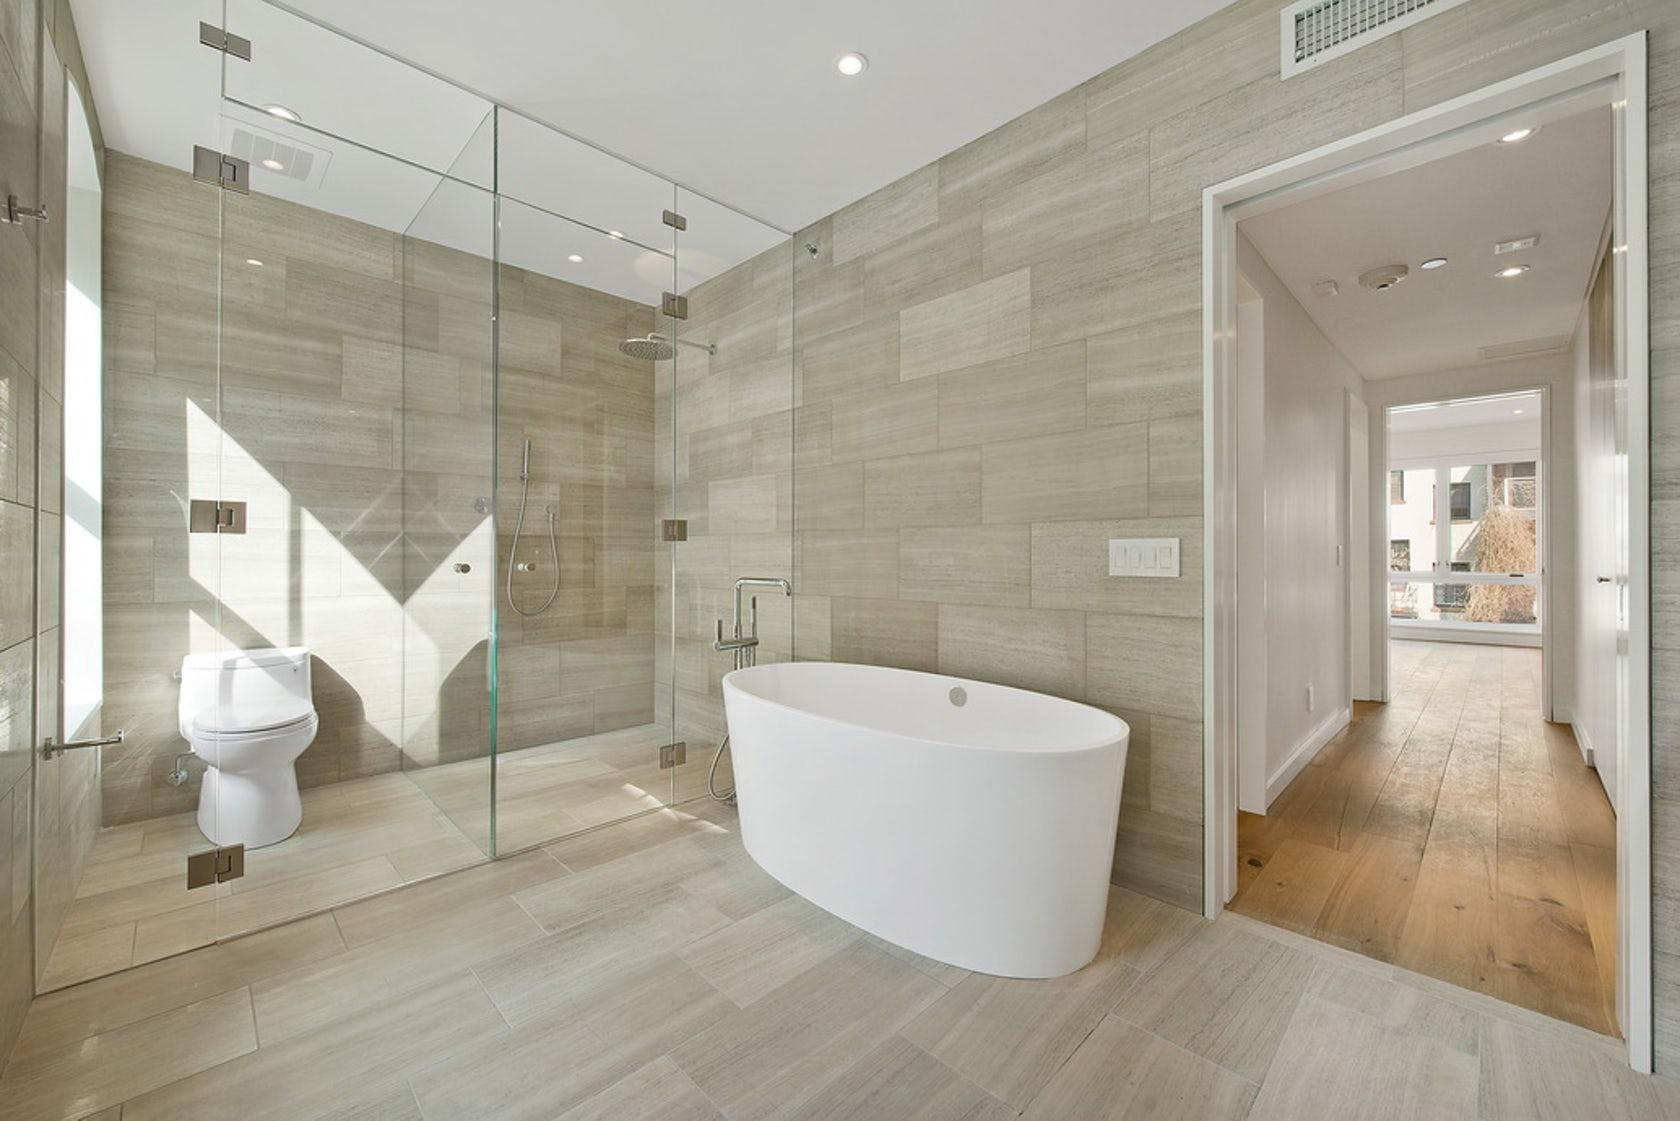 Ванная без раковины: как сделать пространство максимально эргономичным (26 фото)